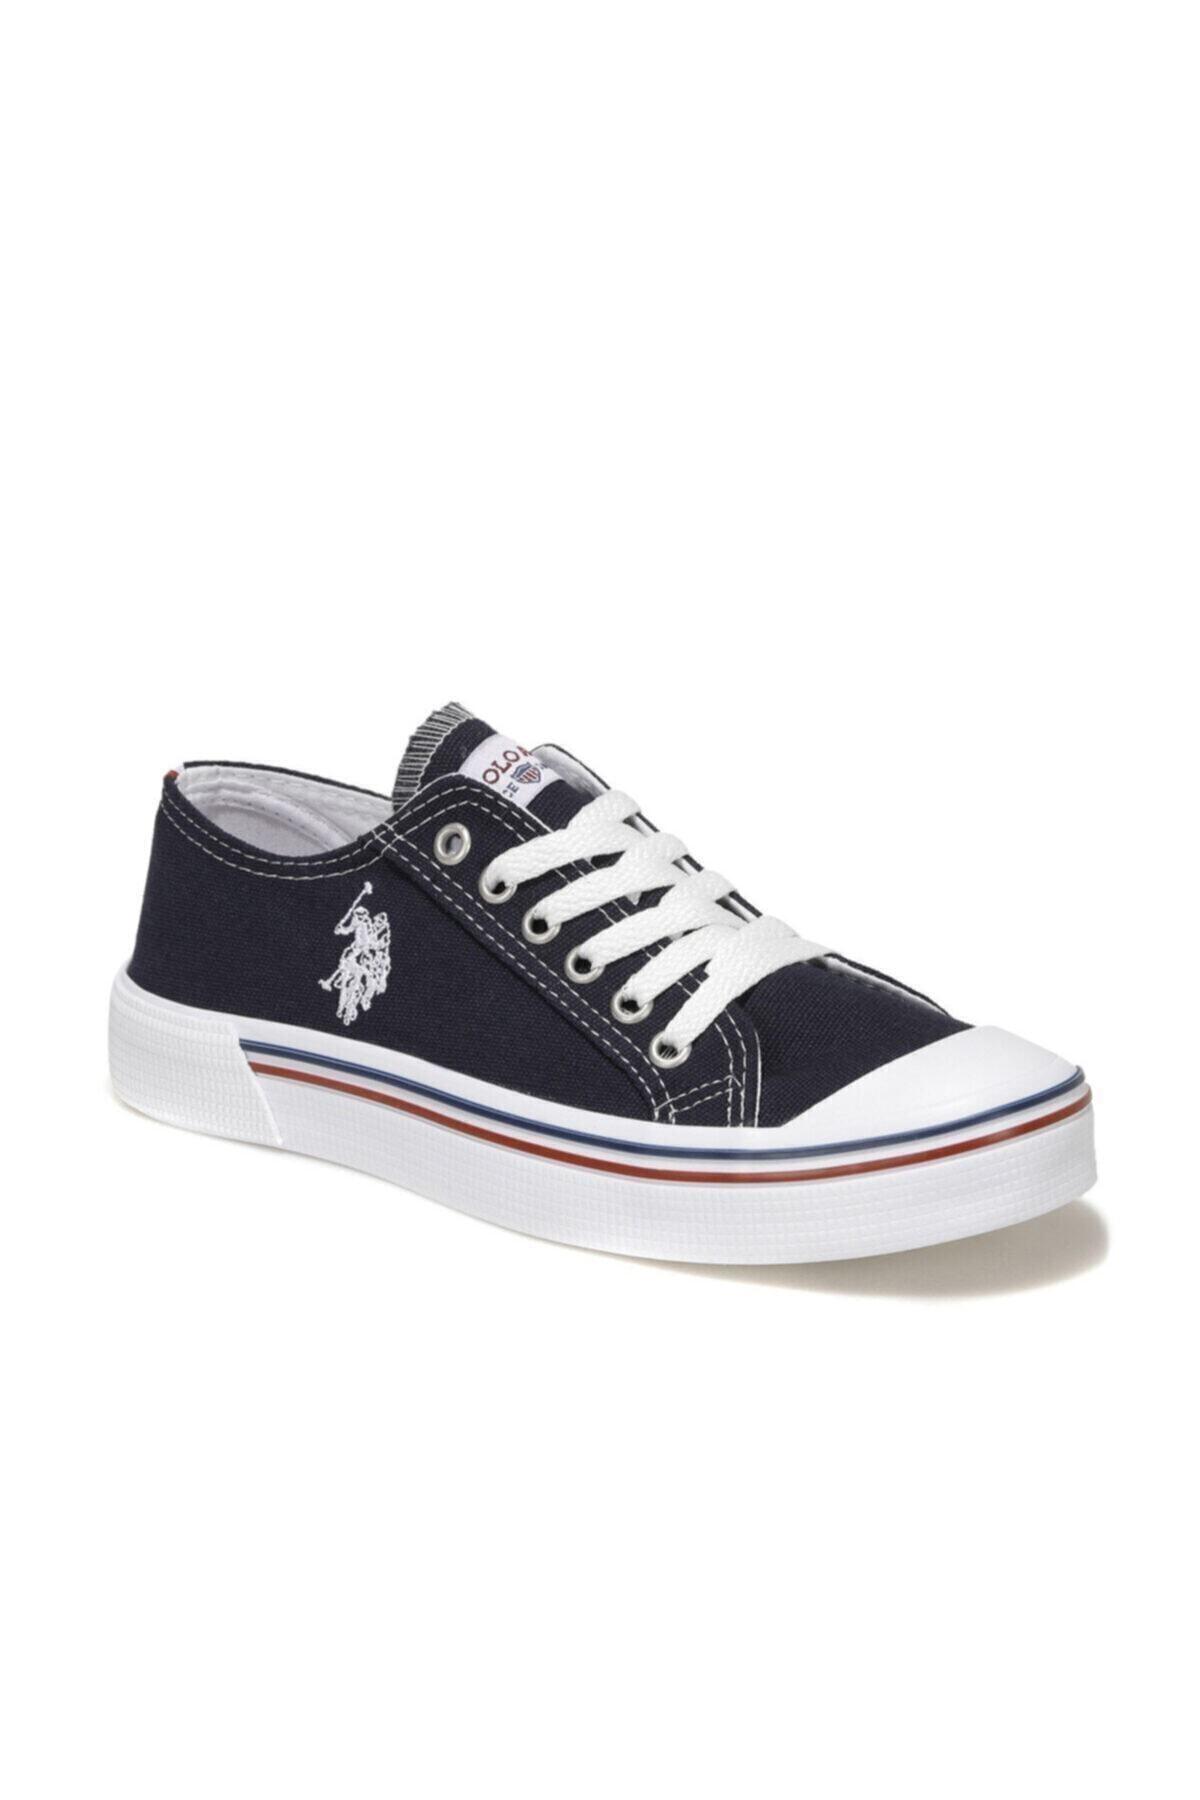 PENELOPE 1FX Lacivert Kadın Havuz Taban Sneaker 100696335